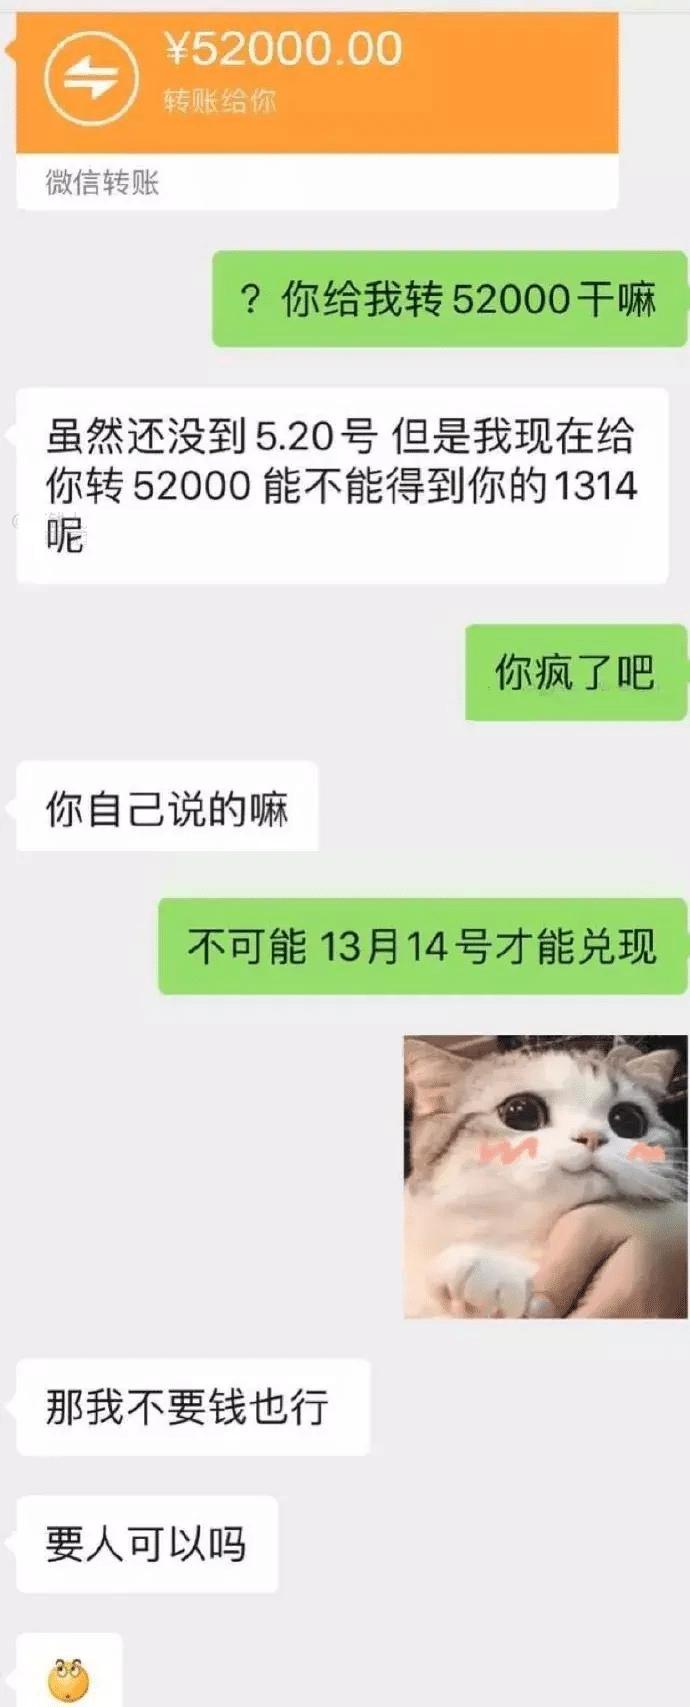 网红刘婷刚找到工作,于东来睡女员工图片应该注意什么?